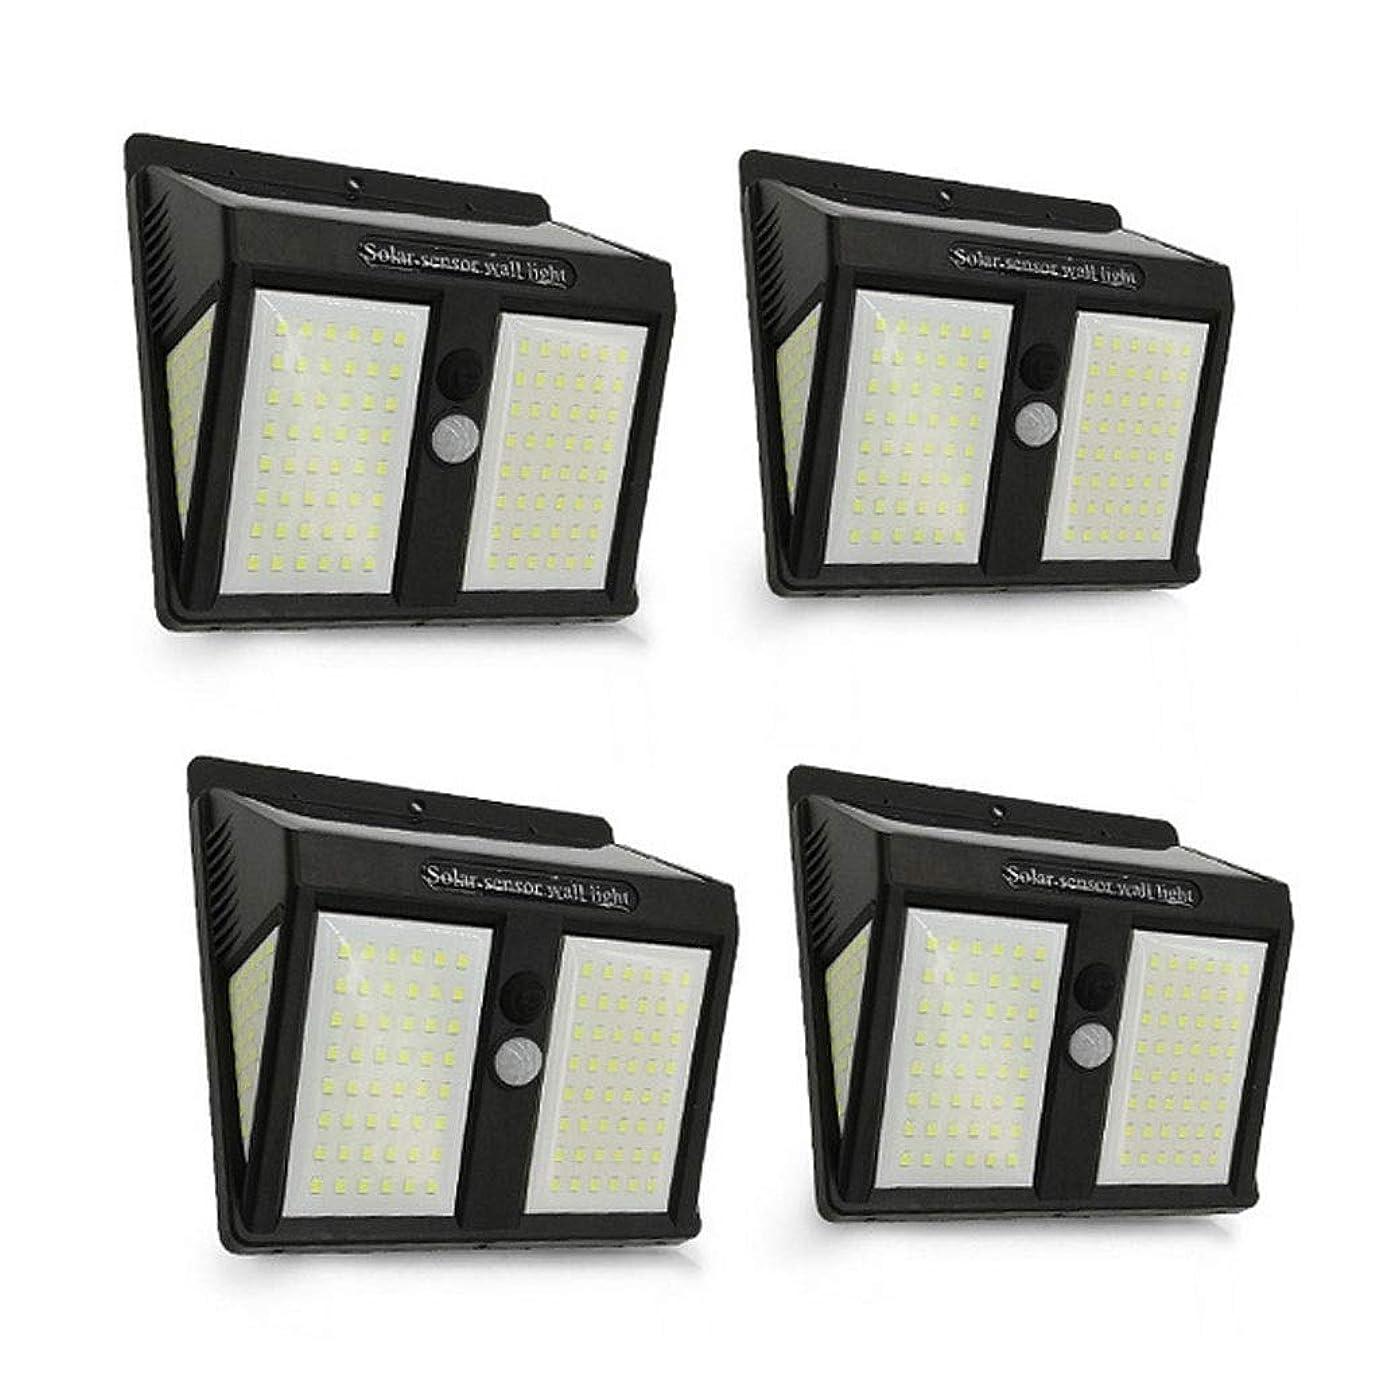 ラベル市の中心部ご注意46 LEDソーラーセキュリティライトソーラーモーションセンサーライトソーラーパワードライト防水ウォールライト3モード付きガーデン、フェンス、4パック